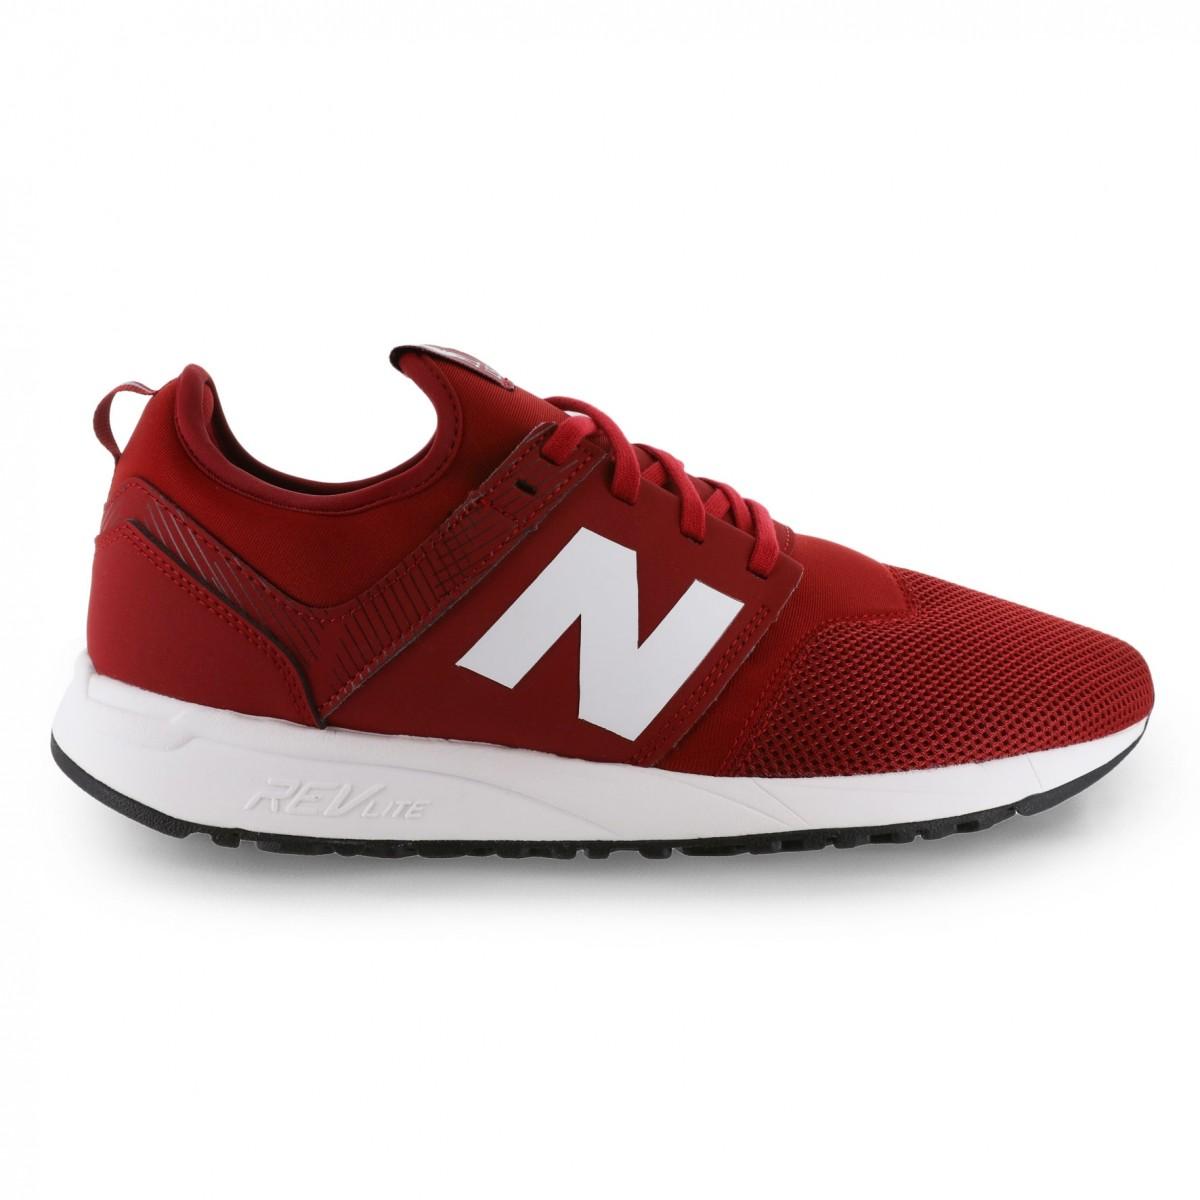 รองเท้านิวบาลานซ์ลิเวอร์พูล 2018 2019 รองเท้าเทรนเนอร์นิวบาลานซ์ 247 สีแดงของแท้